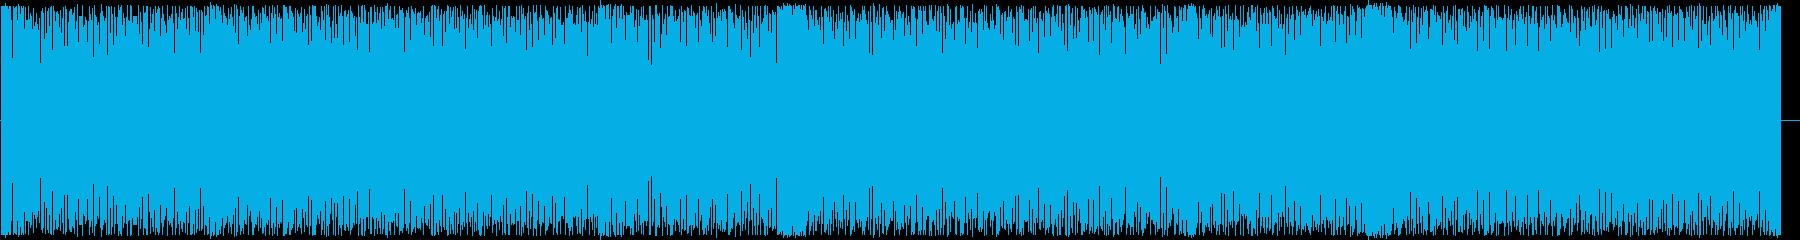 迫力あって力強くかっこいい音楽の再生済みの波形